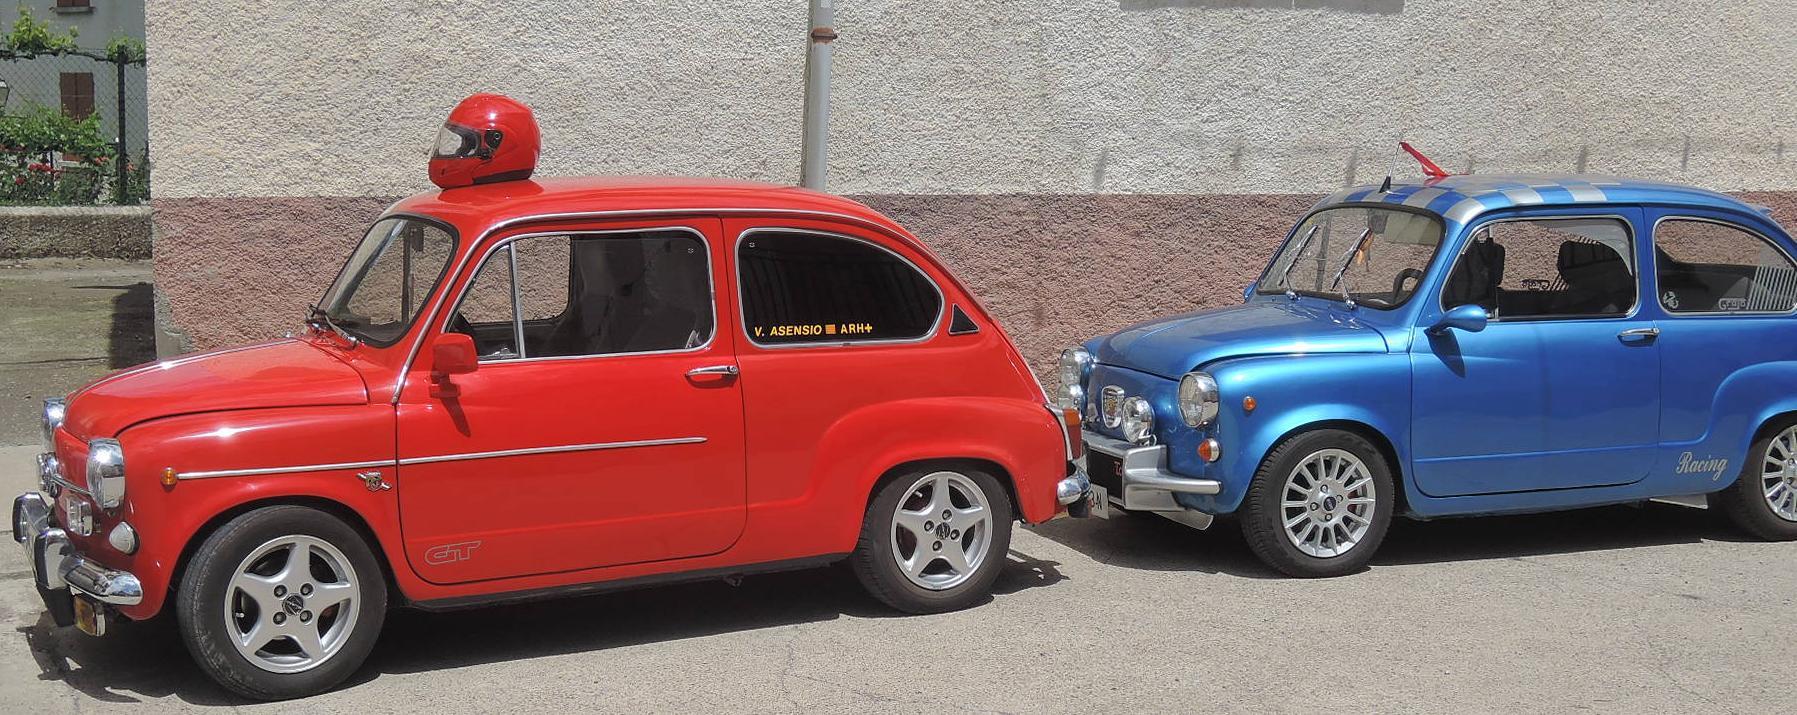 Dos bonitas unidades del clásico Seat 600, el automóvil de los 60.